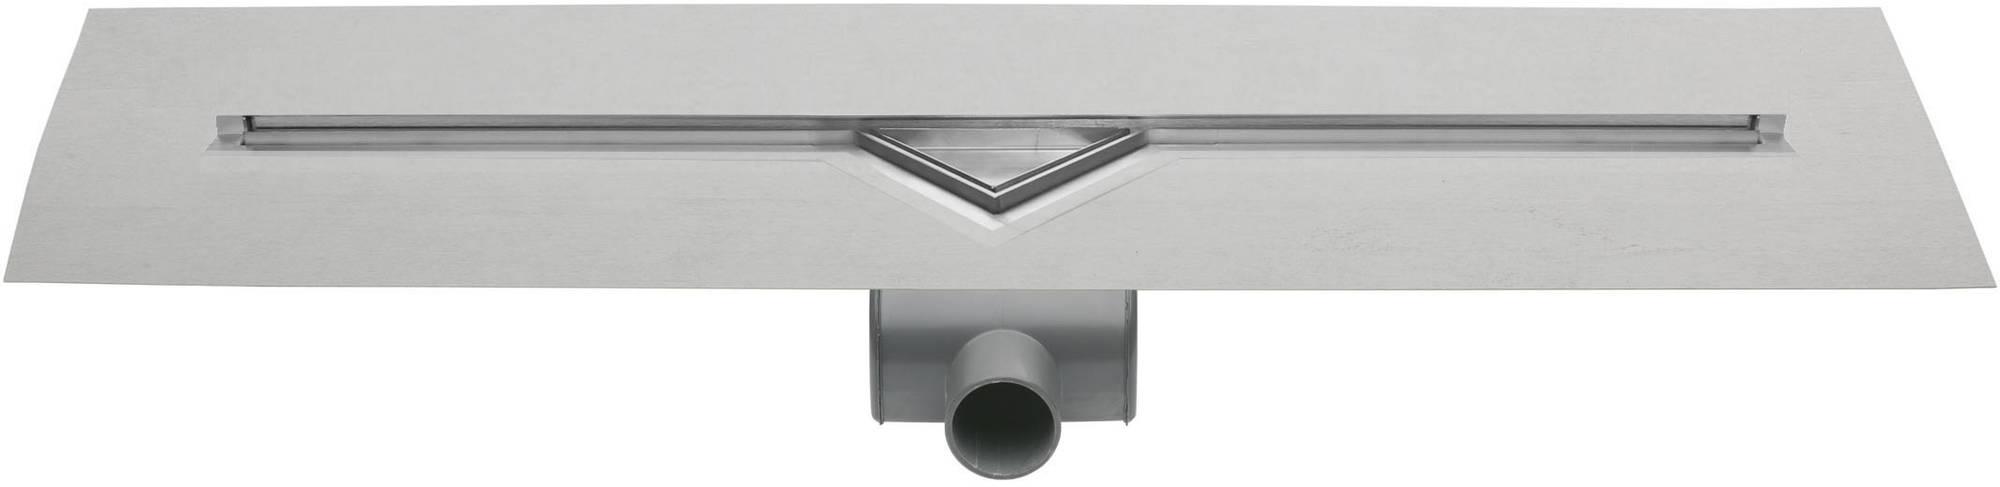 Easy Drain S-Line douchegoot 80 cm met rooster zero voor tegel